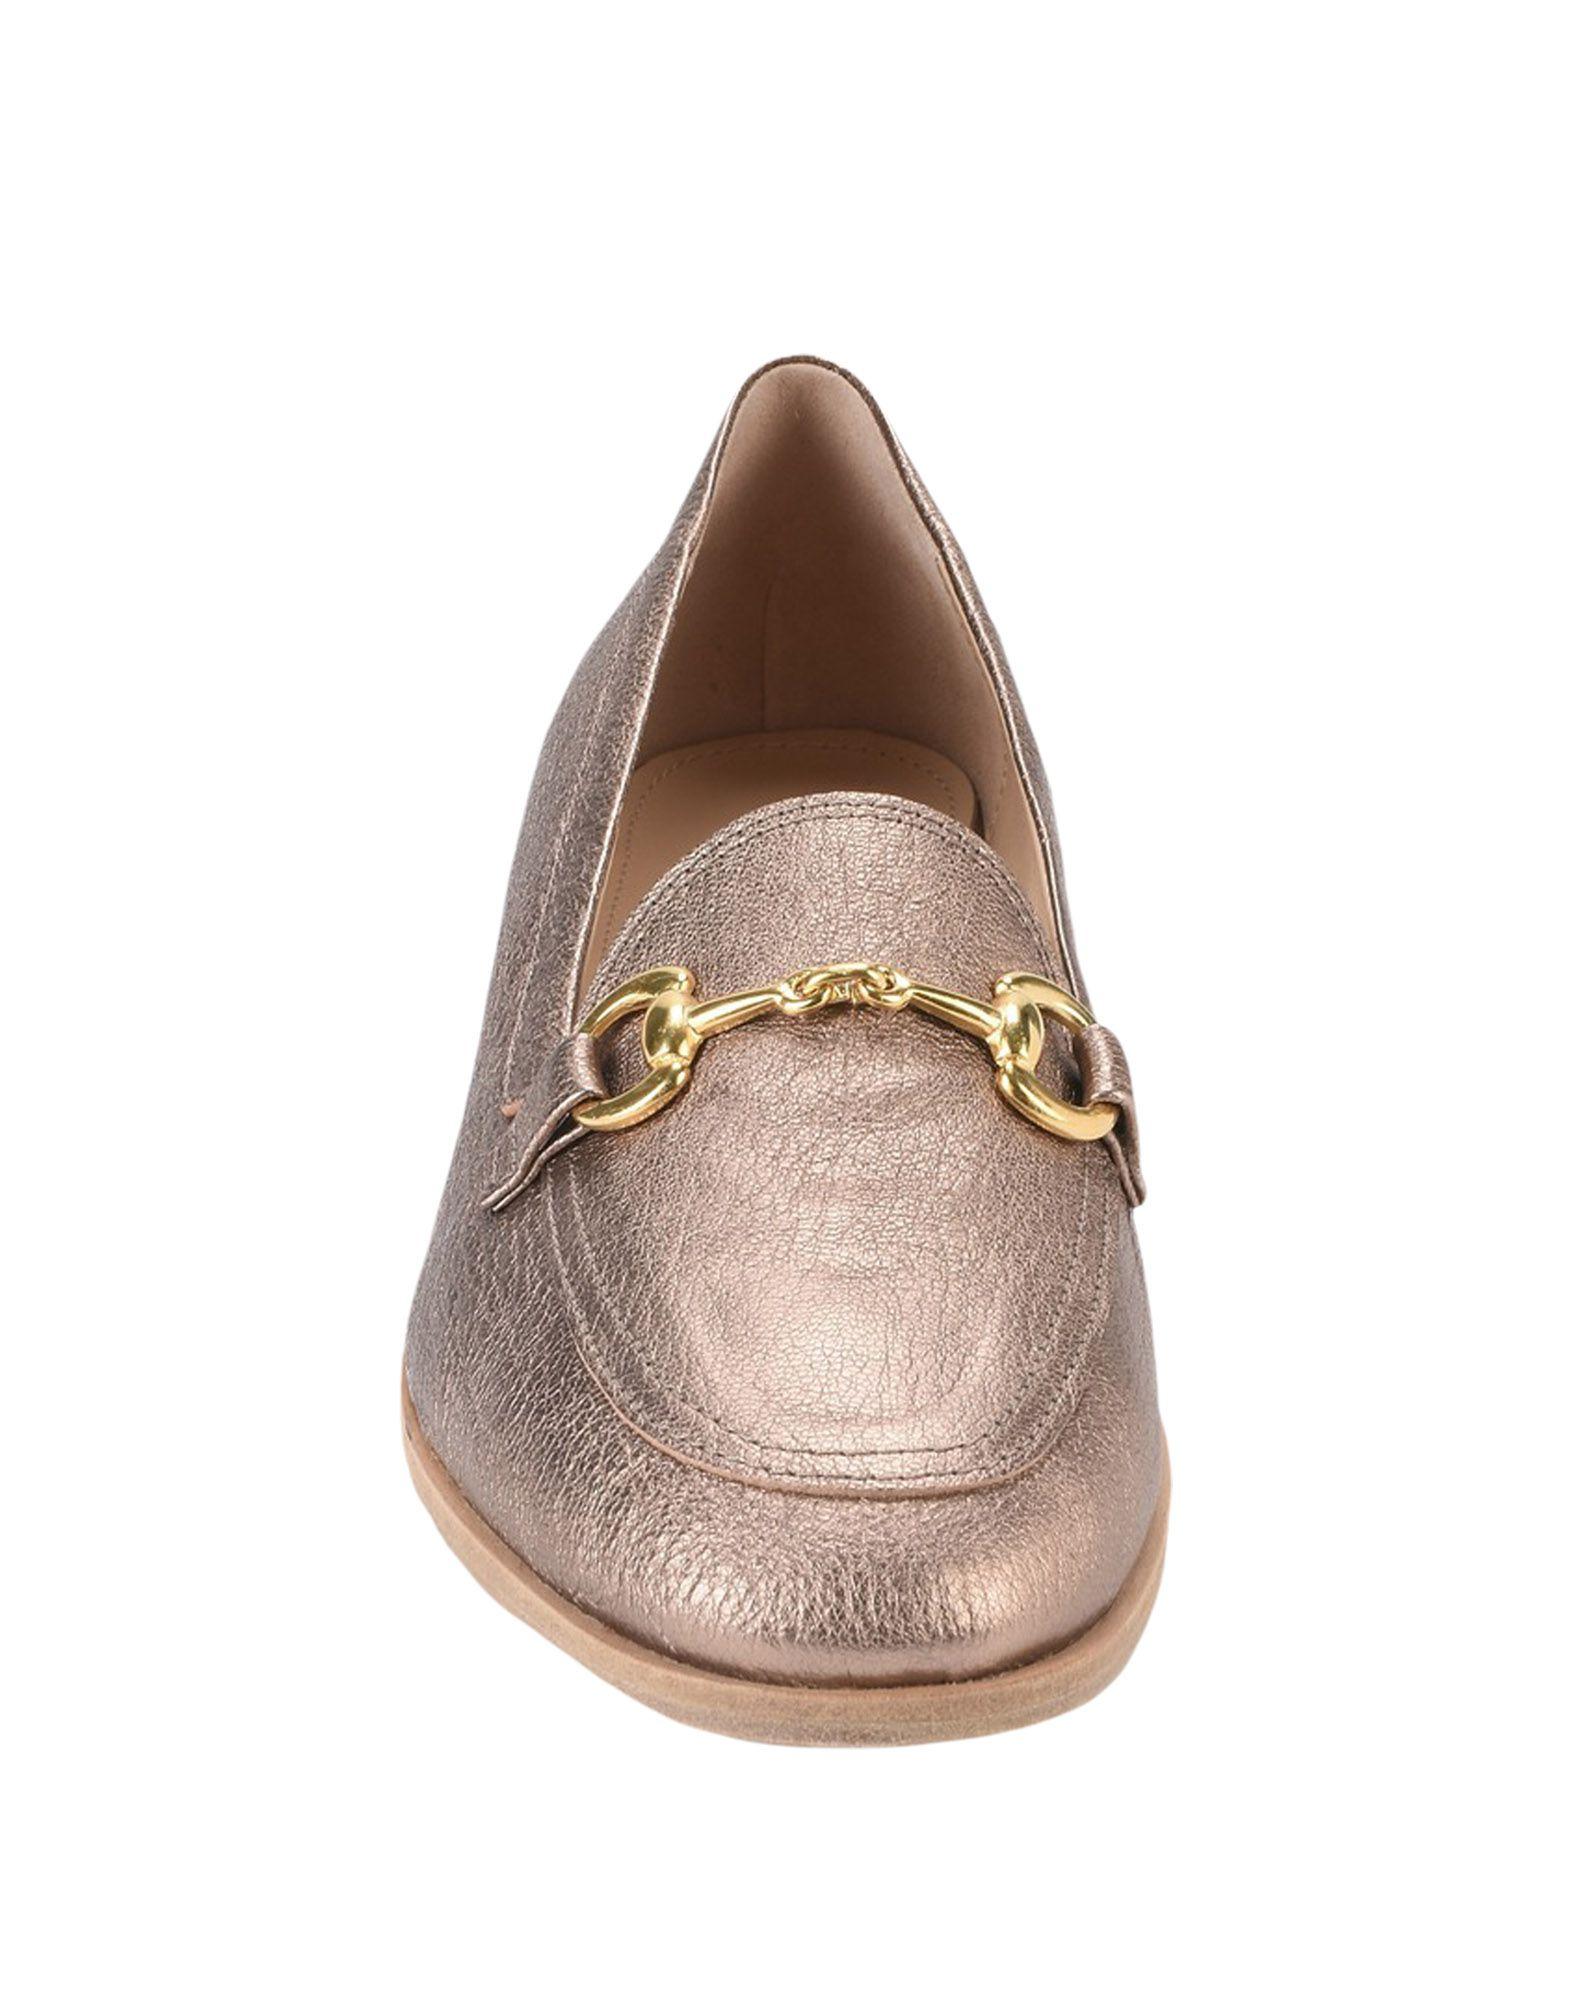 8 Mokassins Damen  11429987LB Gute Qualität beliebte Schuhe